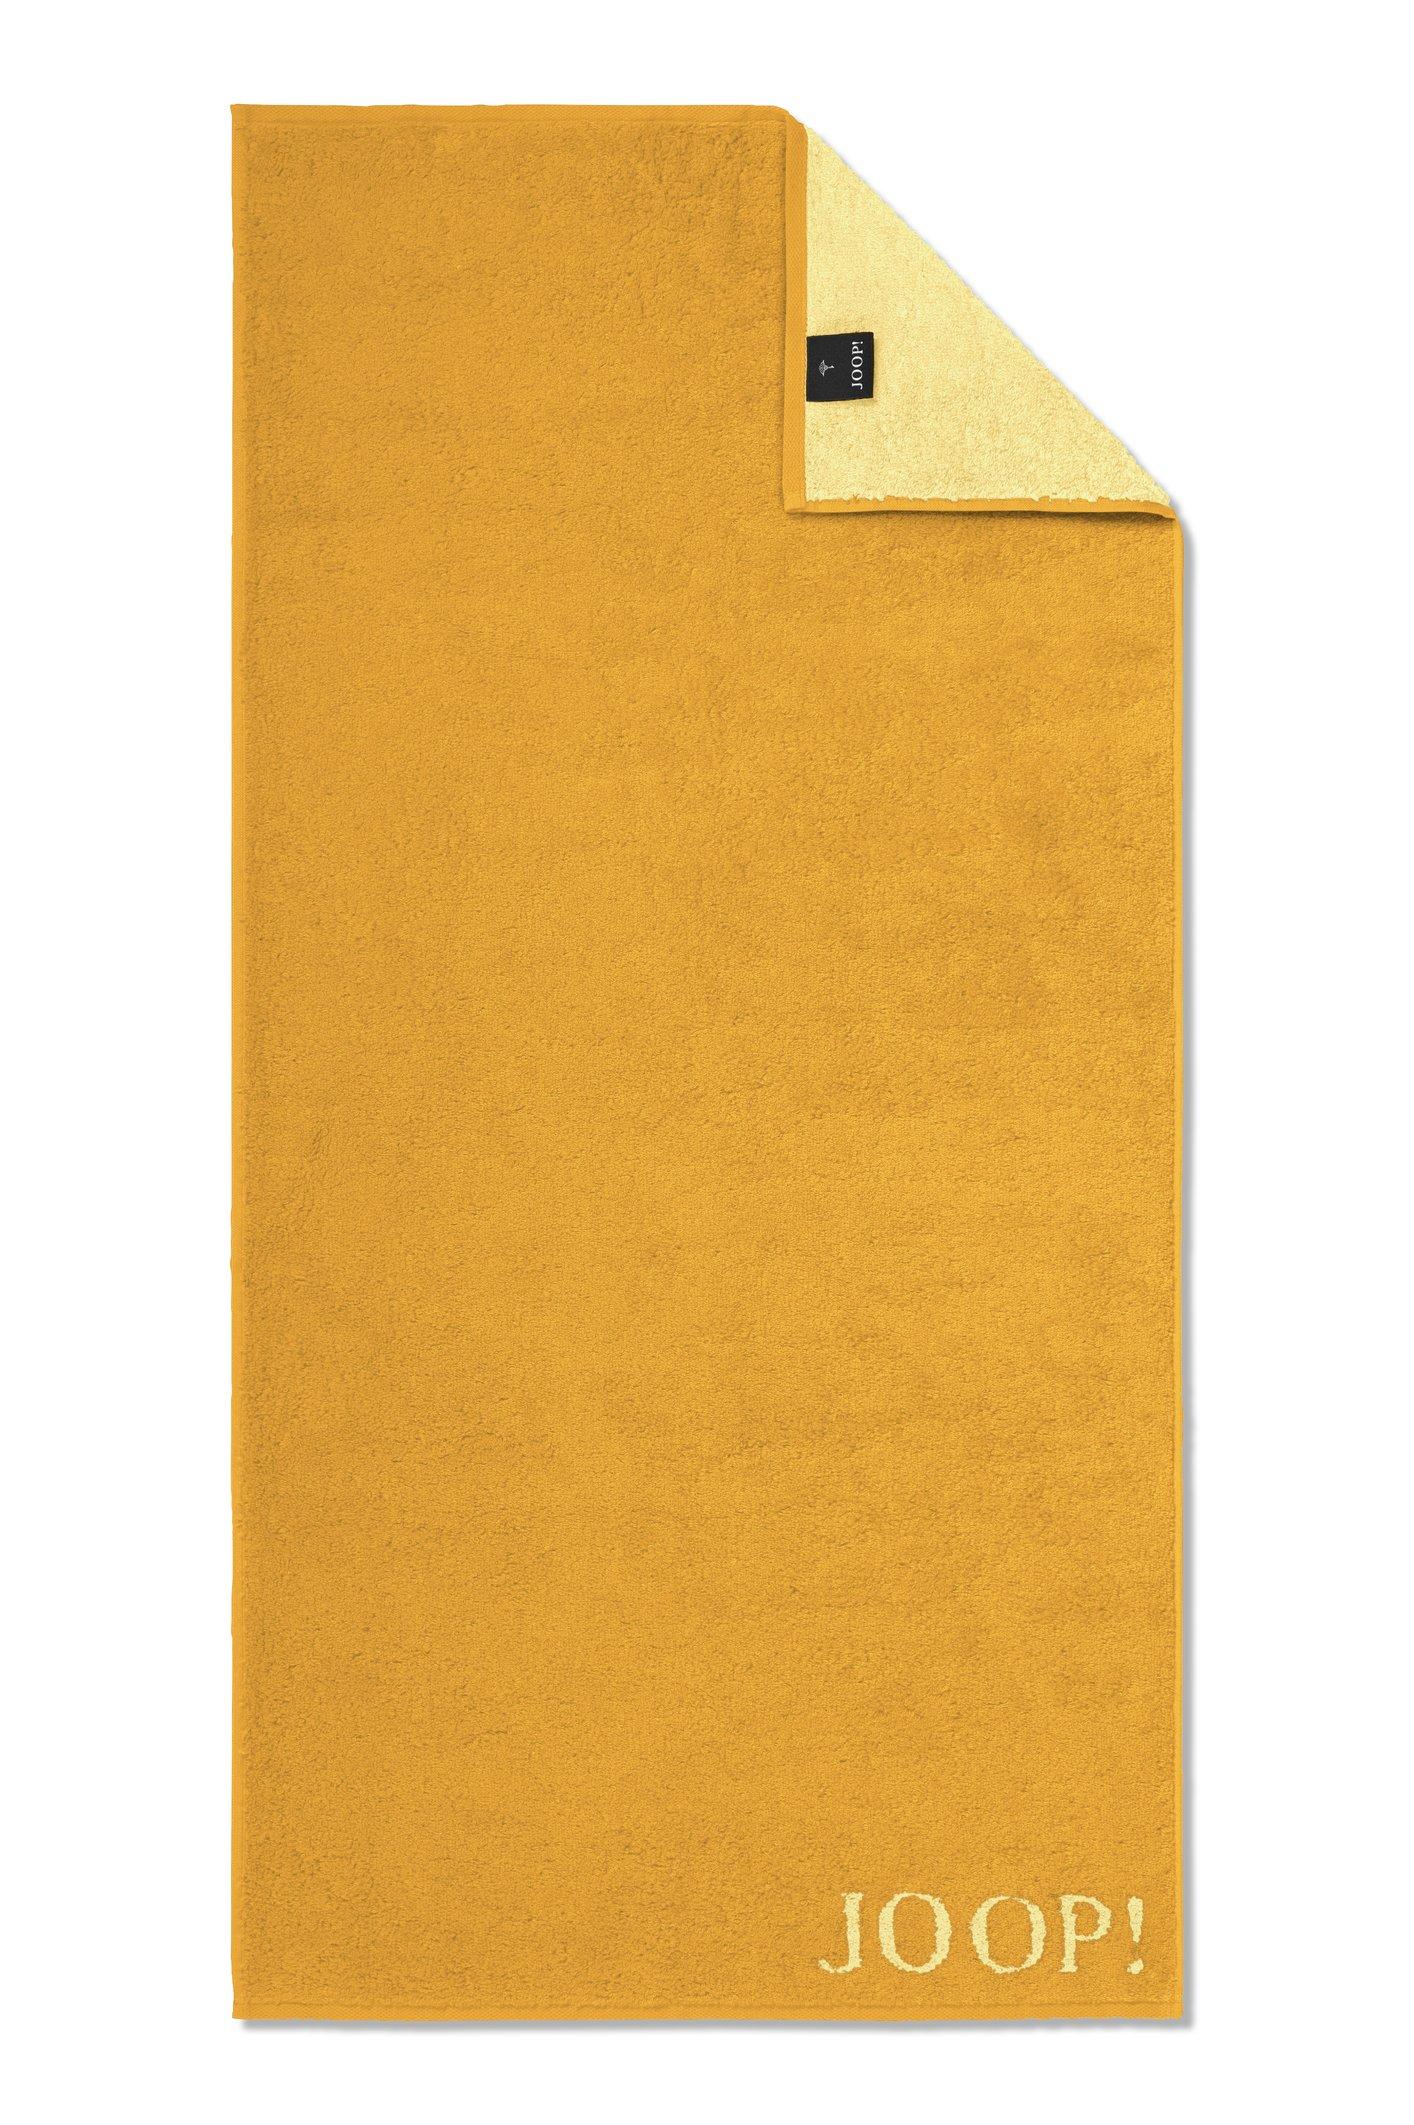 JOOP! Classic Doubleface Handtuch 50x100 cm 1600-50 Honig